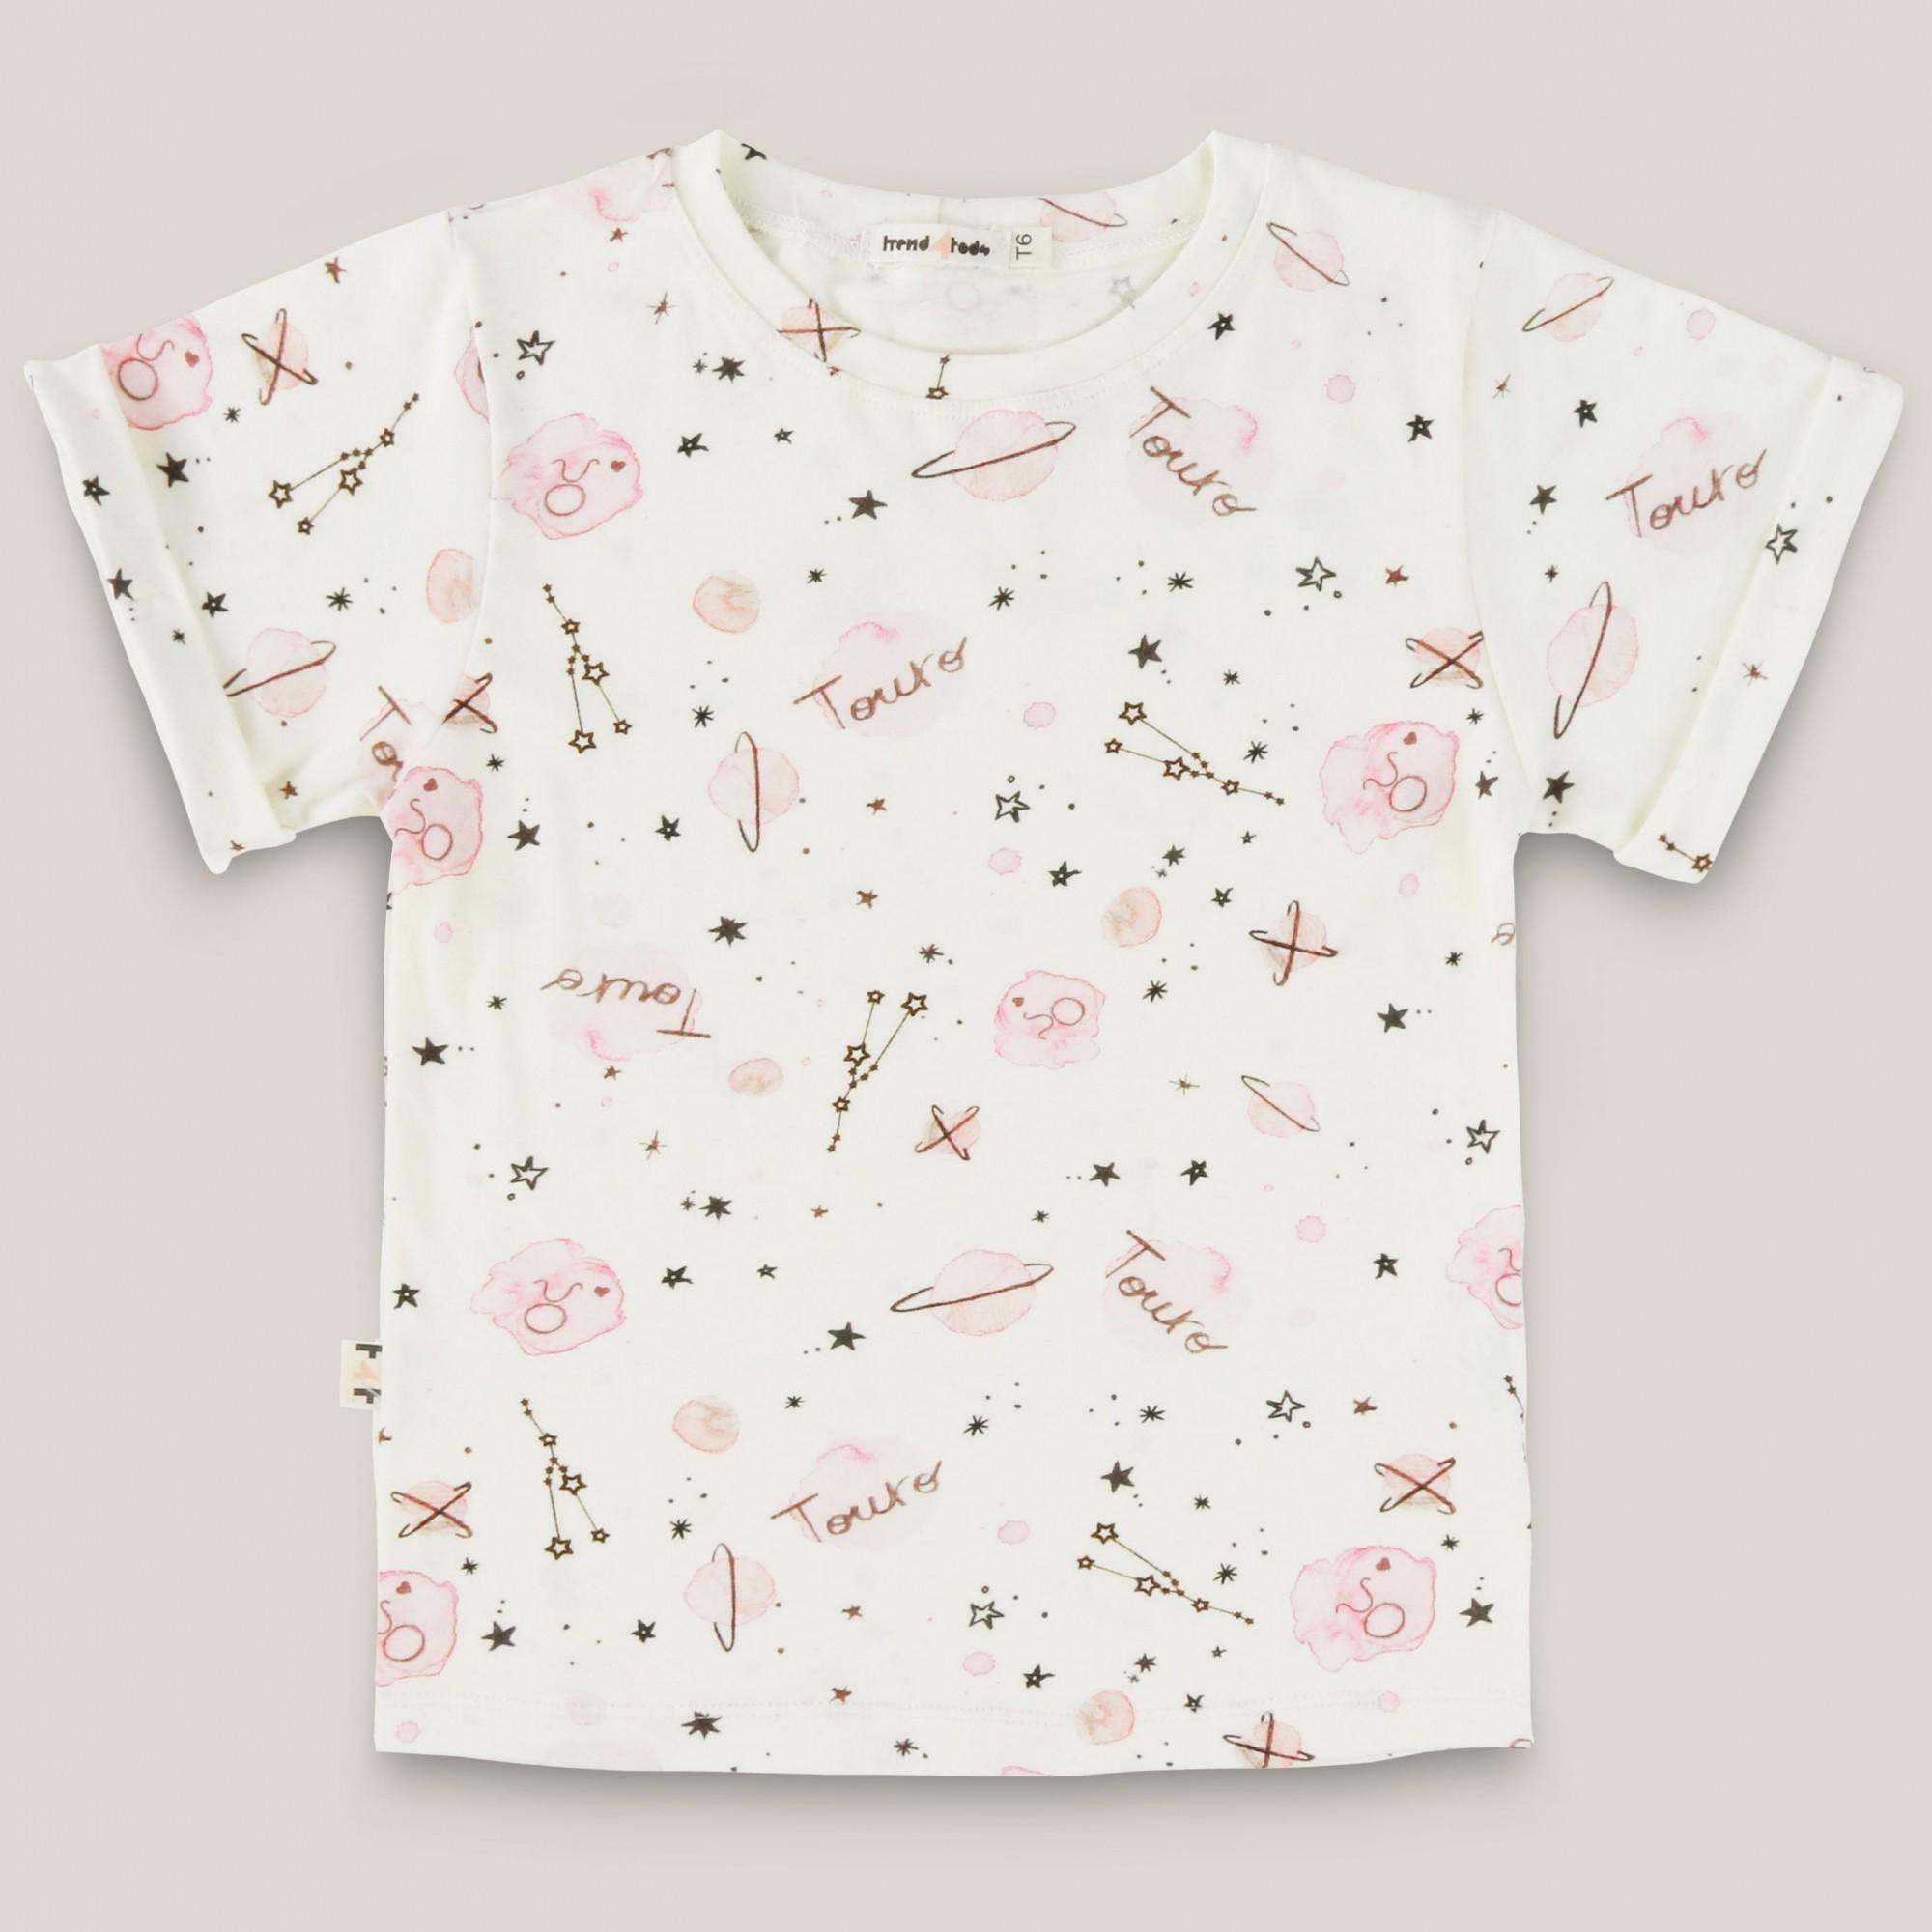 Camiseta infantil signo Touro